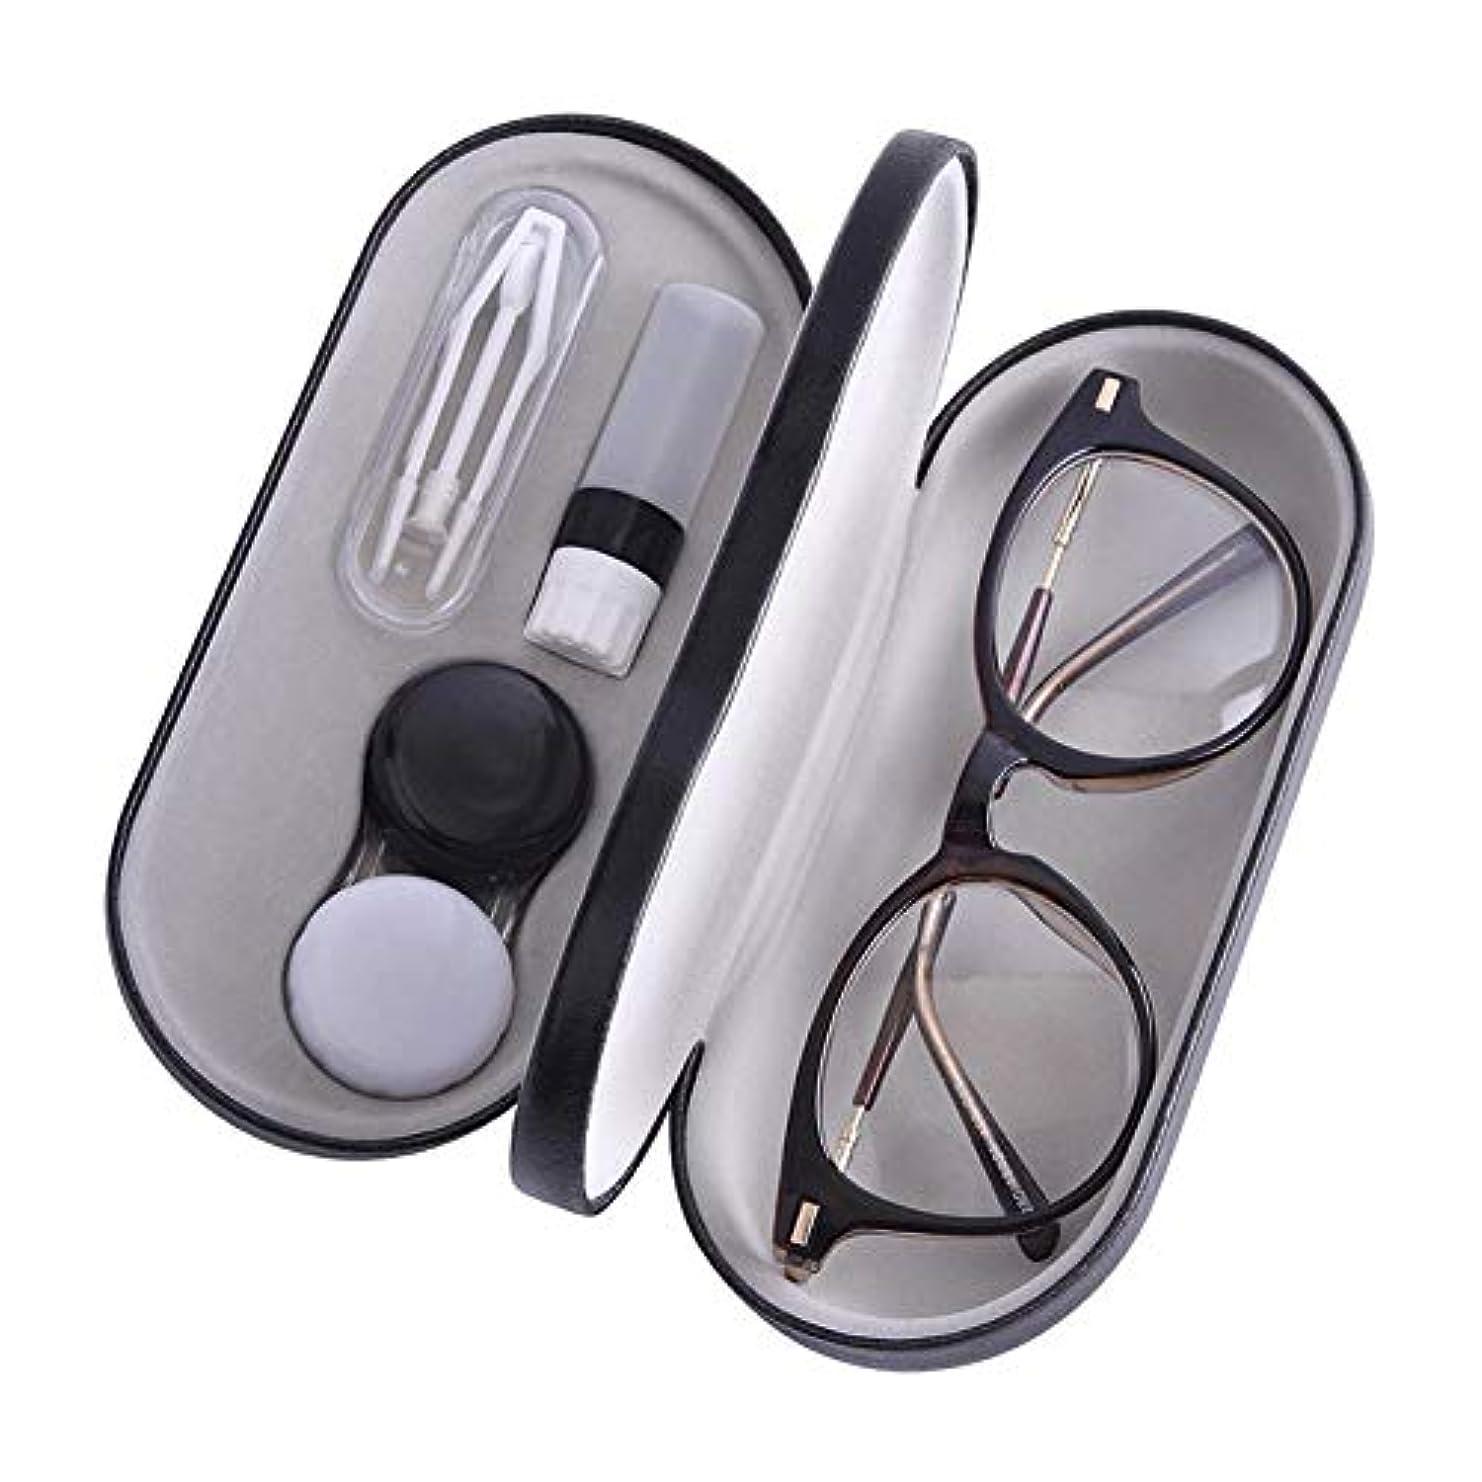 妊娠した眉減らすコンタクトレンズケーストラベルホームイノベーション両面メガネ収納ボックストラベルセットボックス携帯しやすいミニボックスコンテナコンタクトレンズフレーム